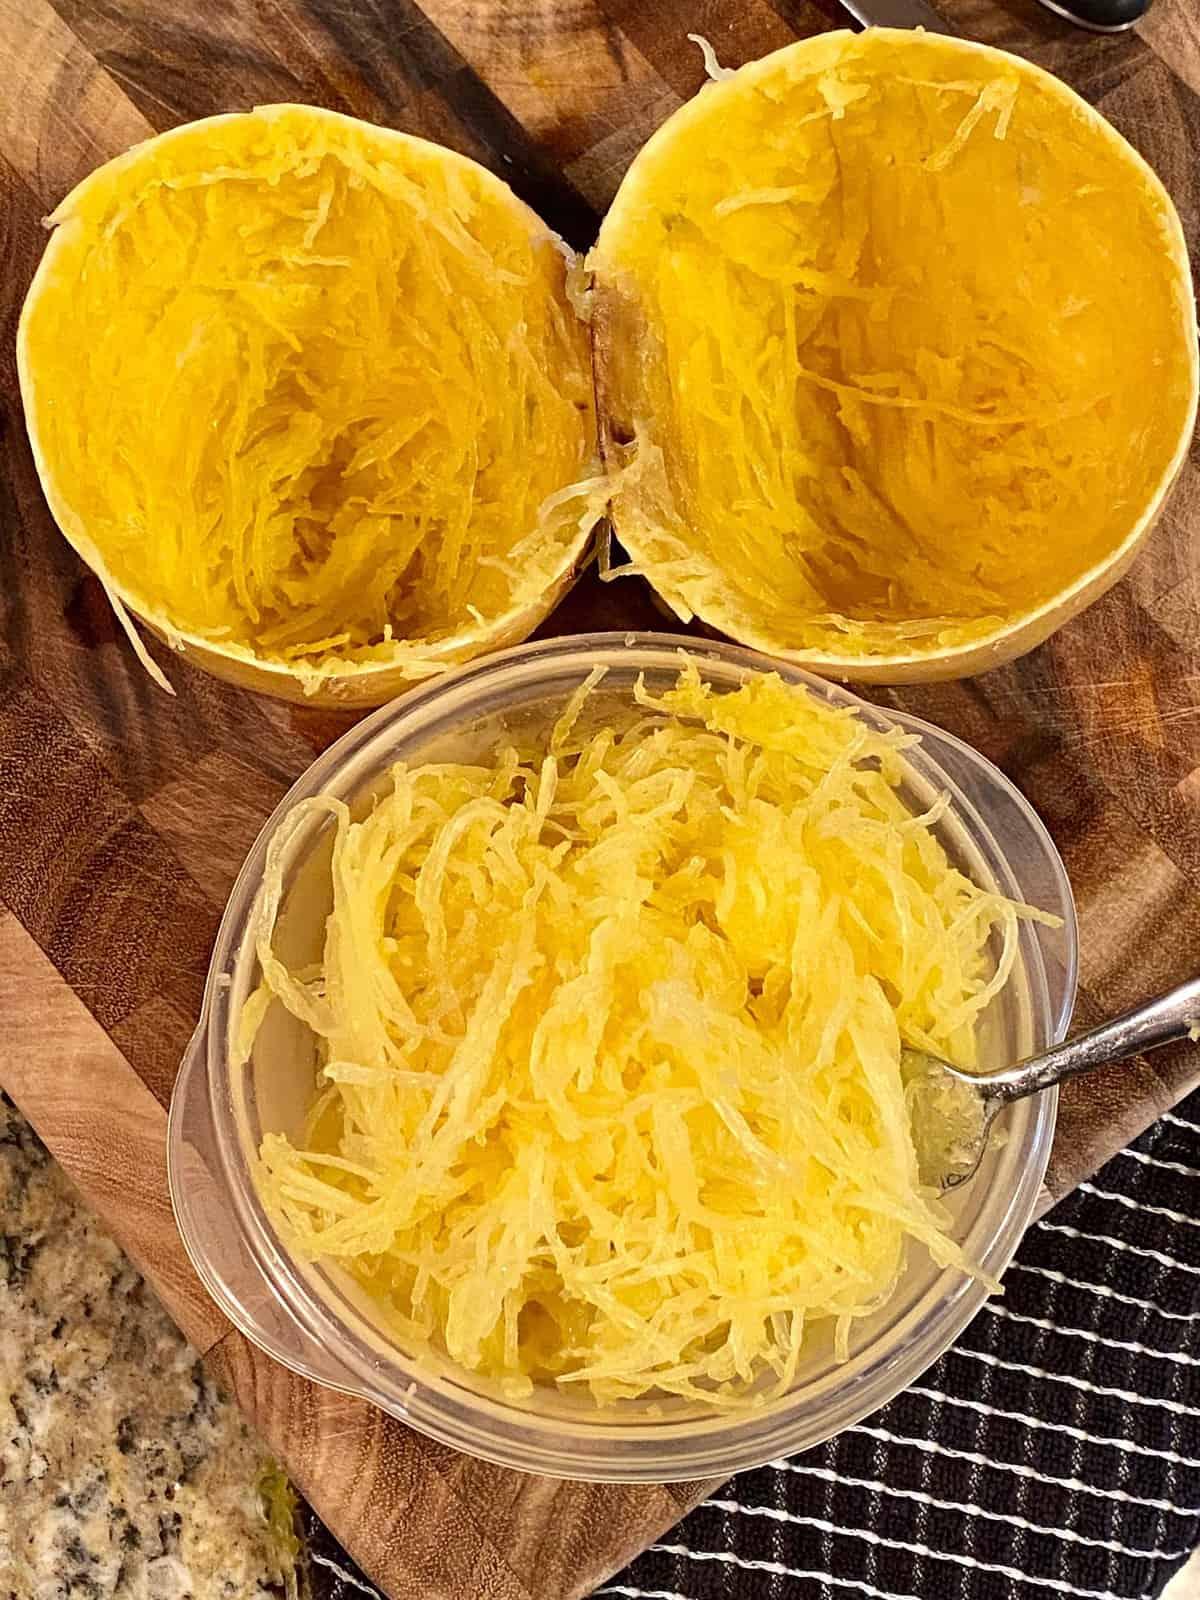 shredding spaghetti squash with a fork